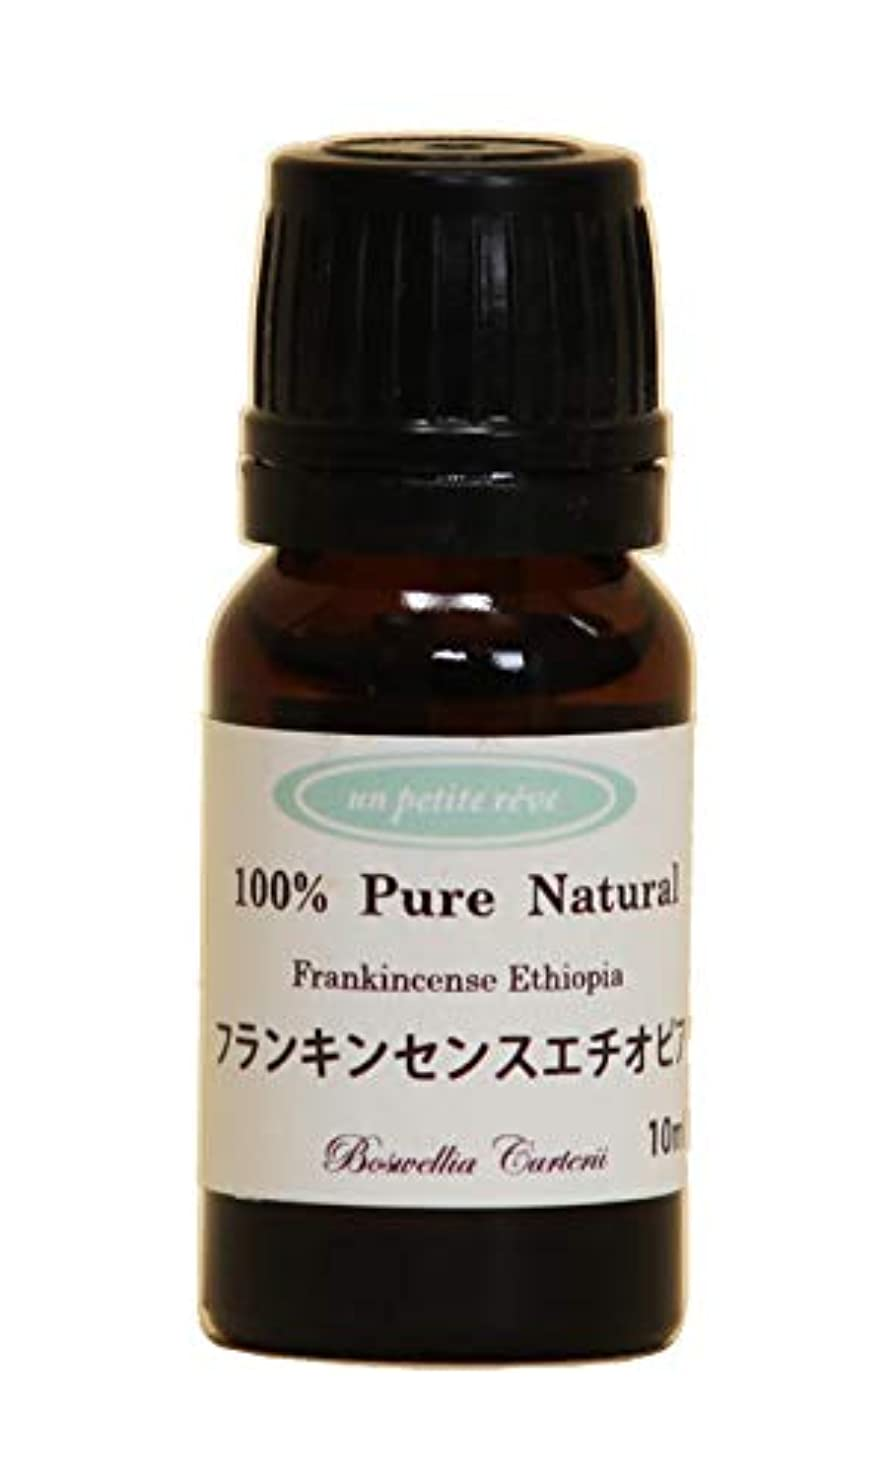 値するみぞれ発見するフランキンセンスエチオピア 10ml 100%天然アロマエッセンシャルオイル(精油)